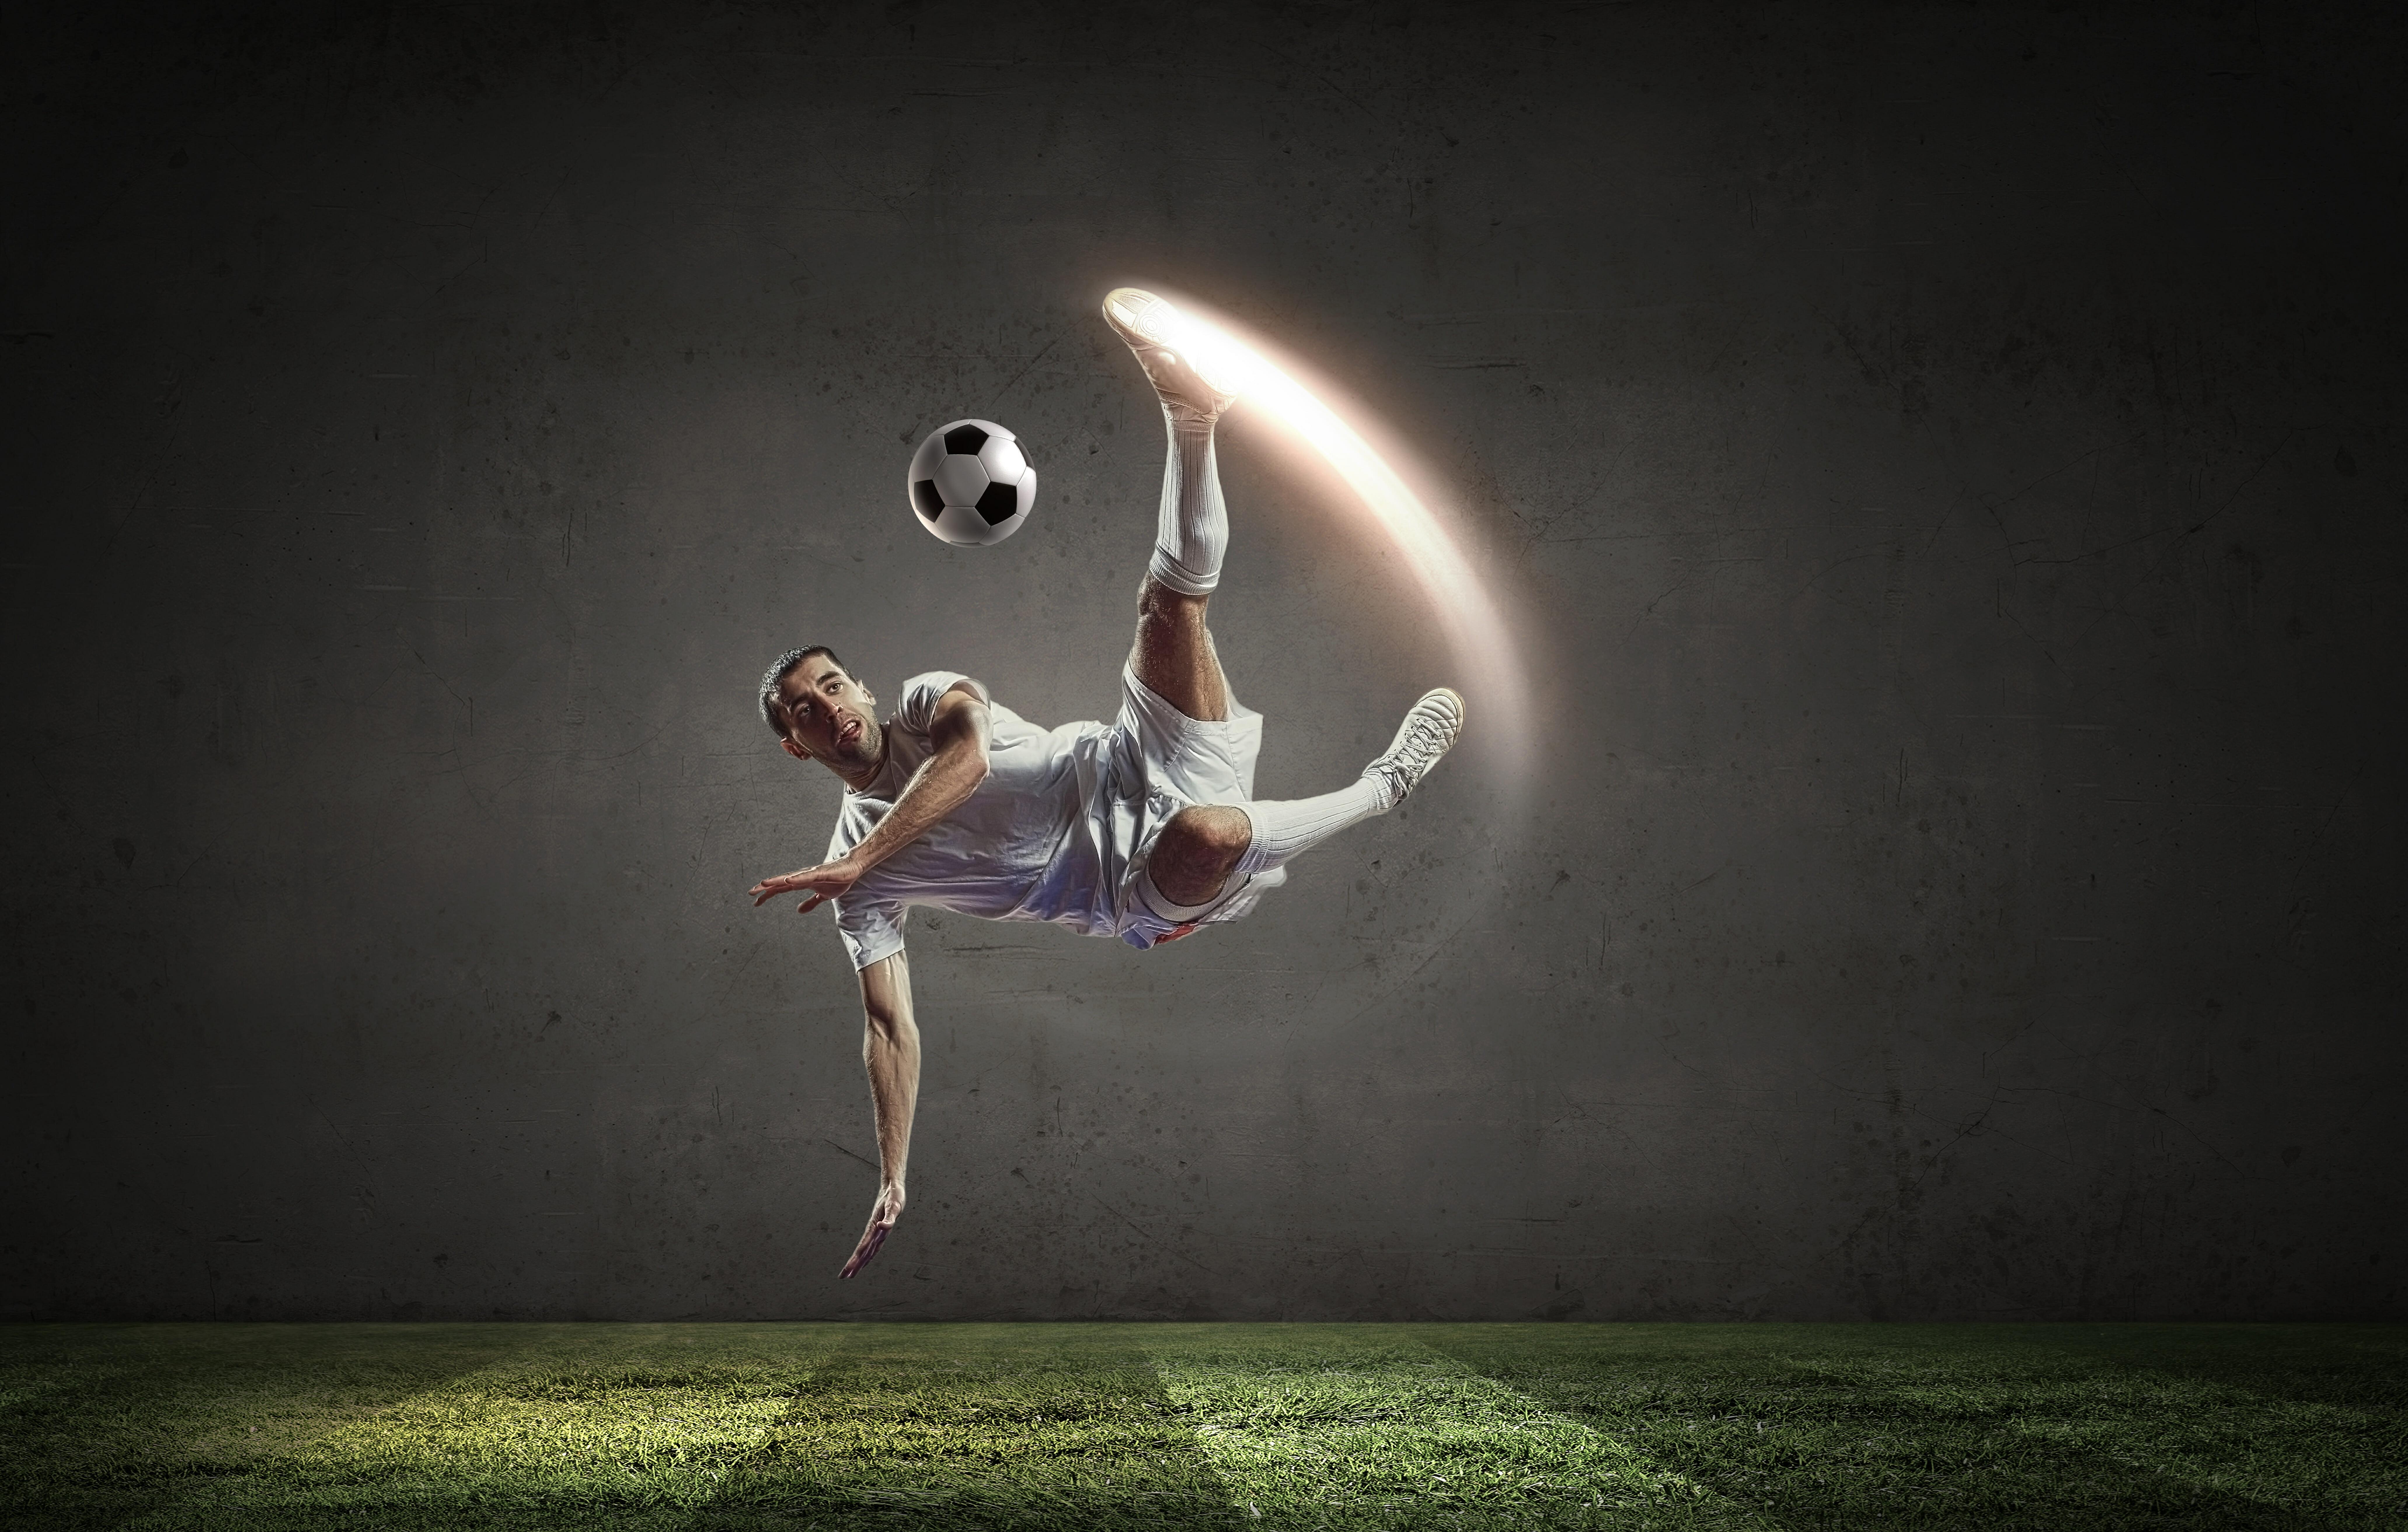 ゴールを打つサッカー選手